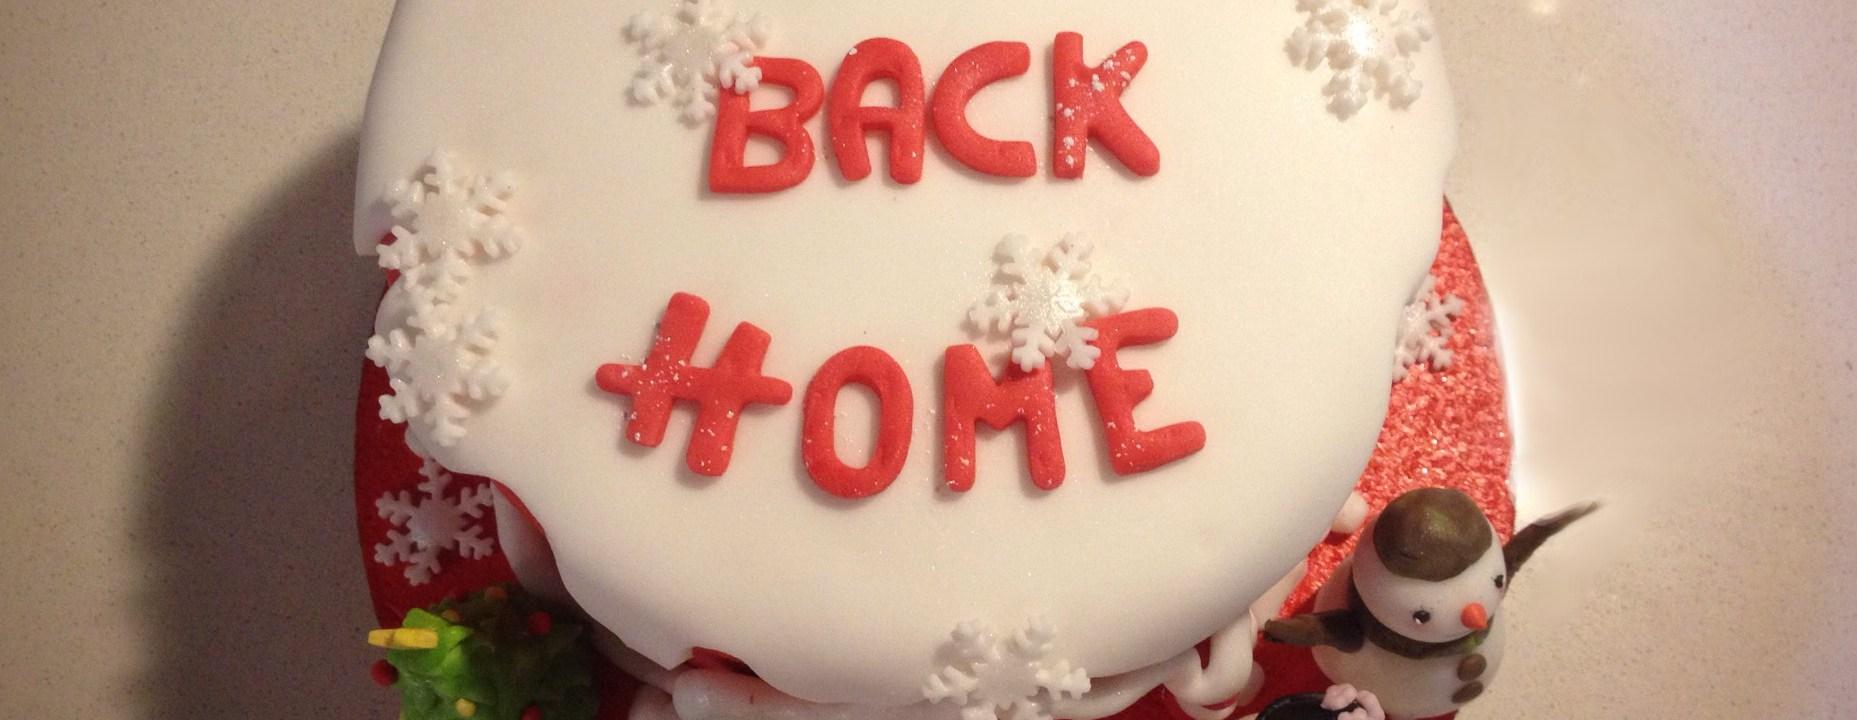 Eccomi di nuovo qui... con una torta di bentornato